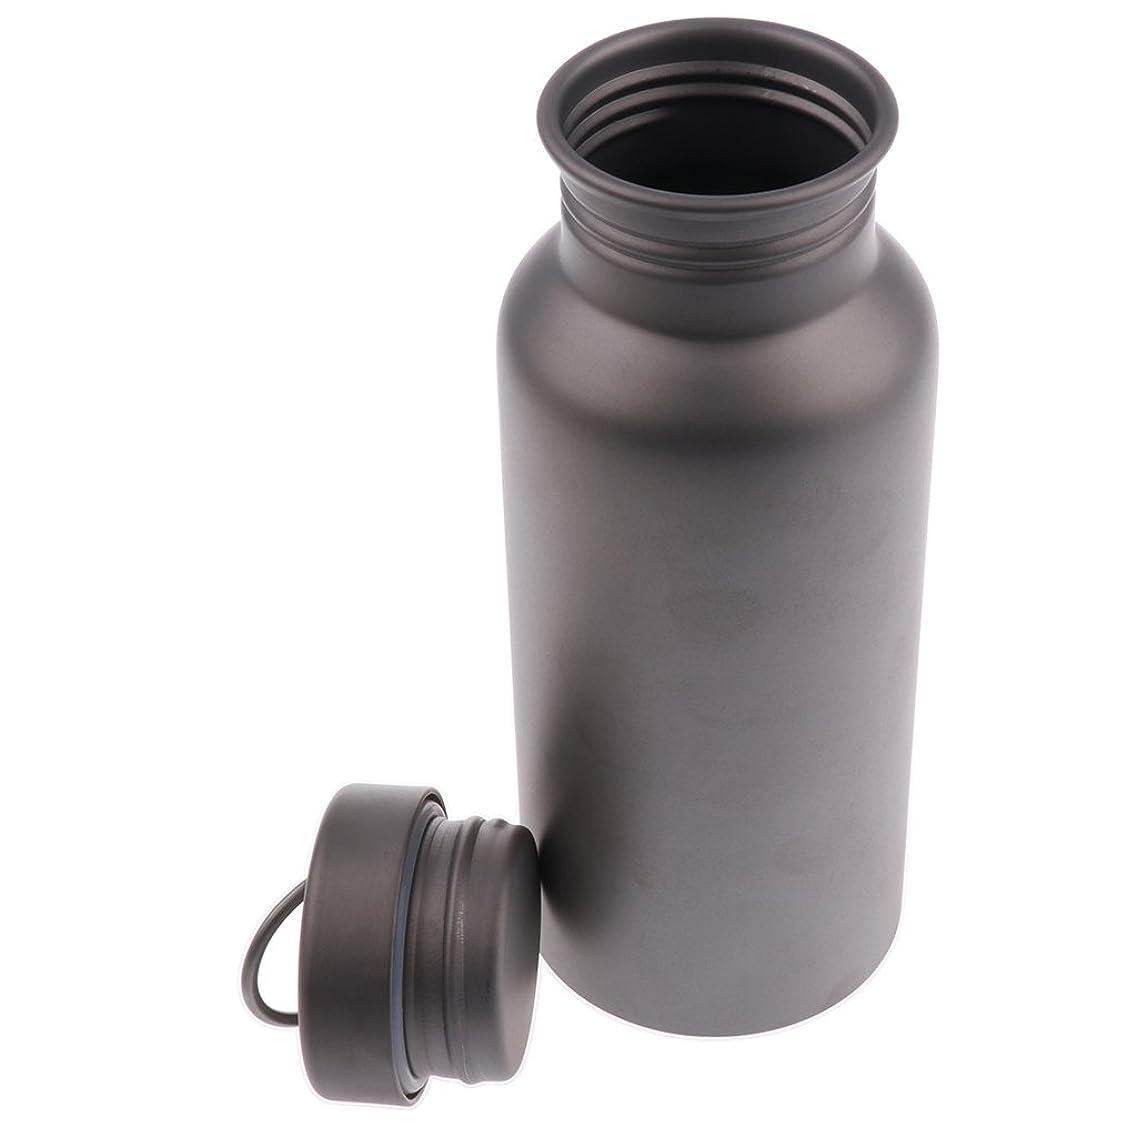 適応的同意年DYNWAVE チタン スポーツ 断熱 水ボトル 漏れ防止 ティーポット 釣り キャンプ 全3サイズ